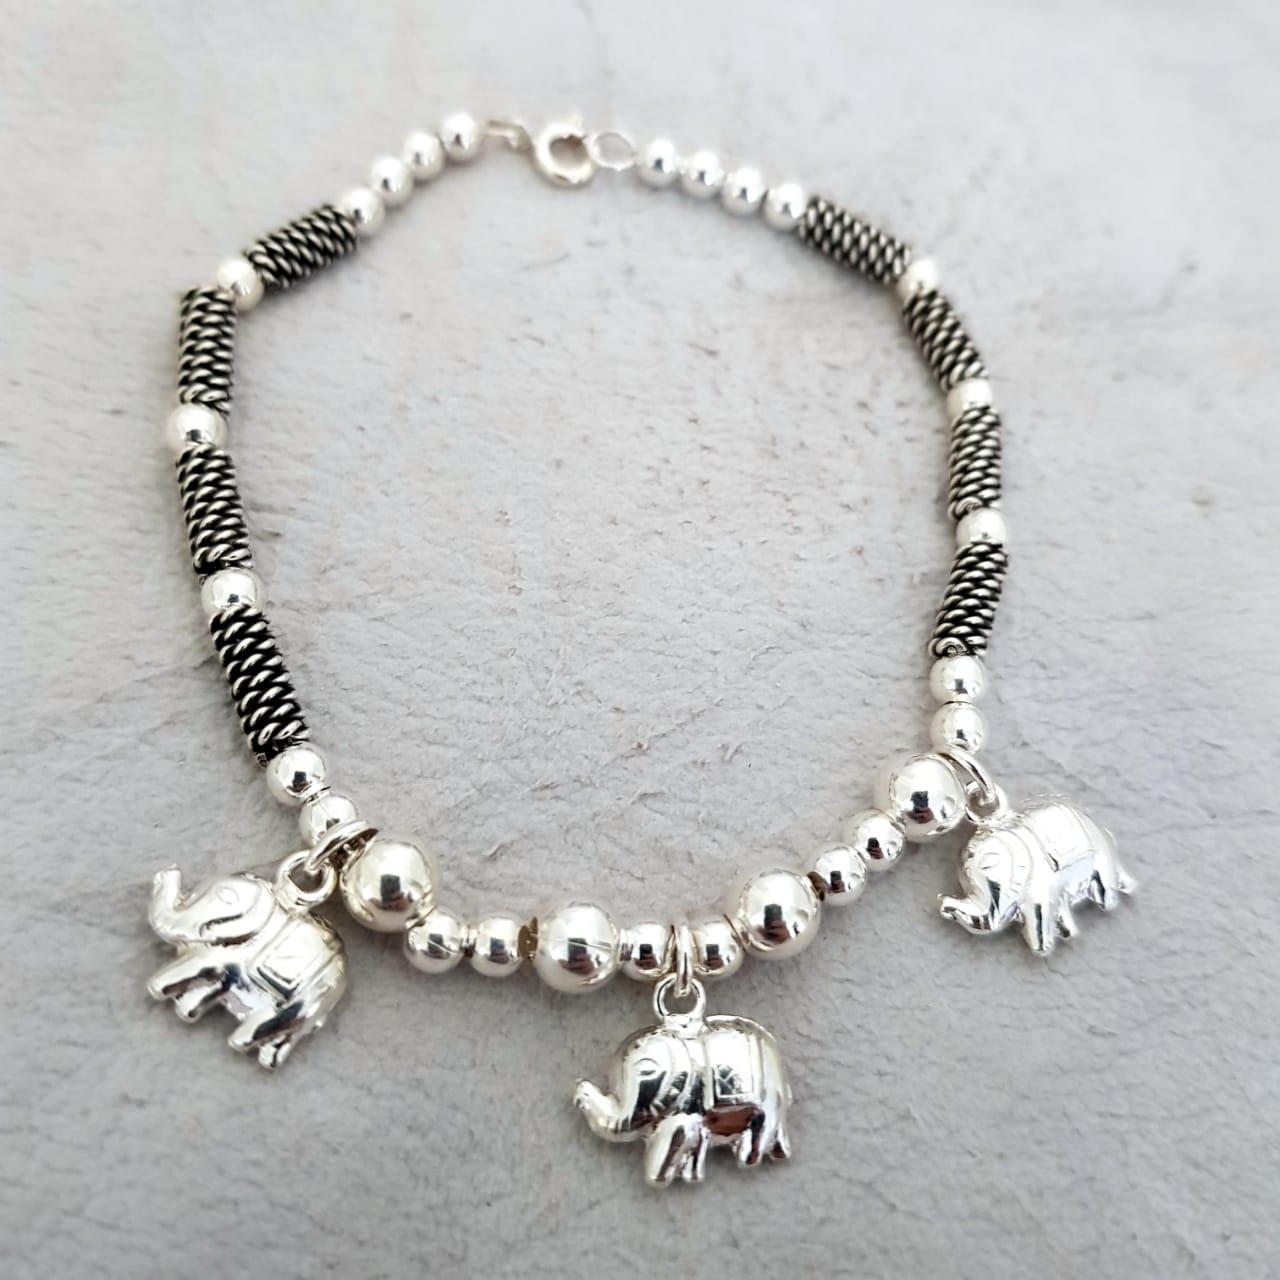 Pulseira de Prata Bali Tramas com Fila de Elefantes